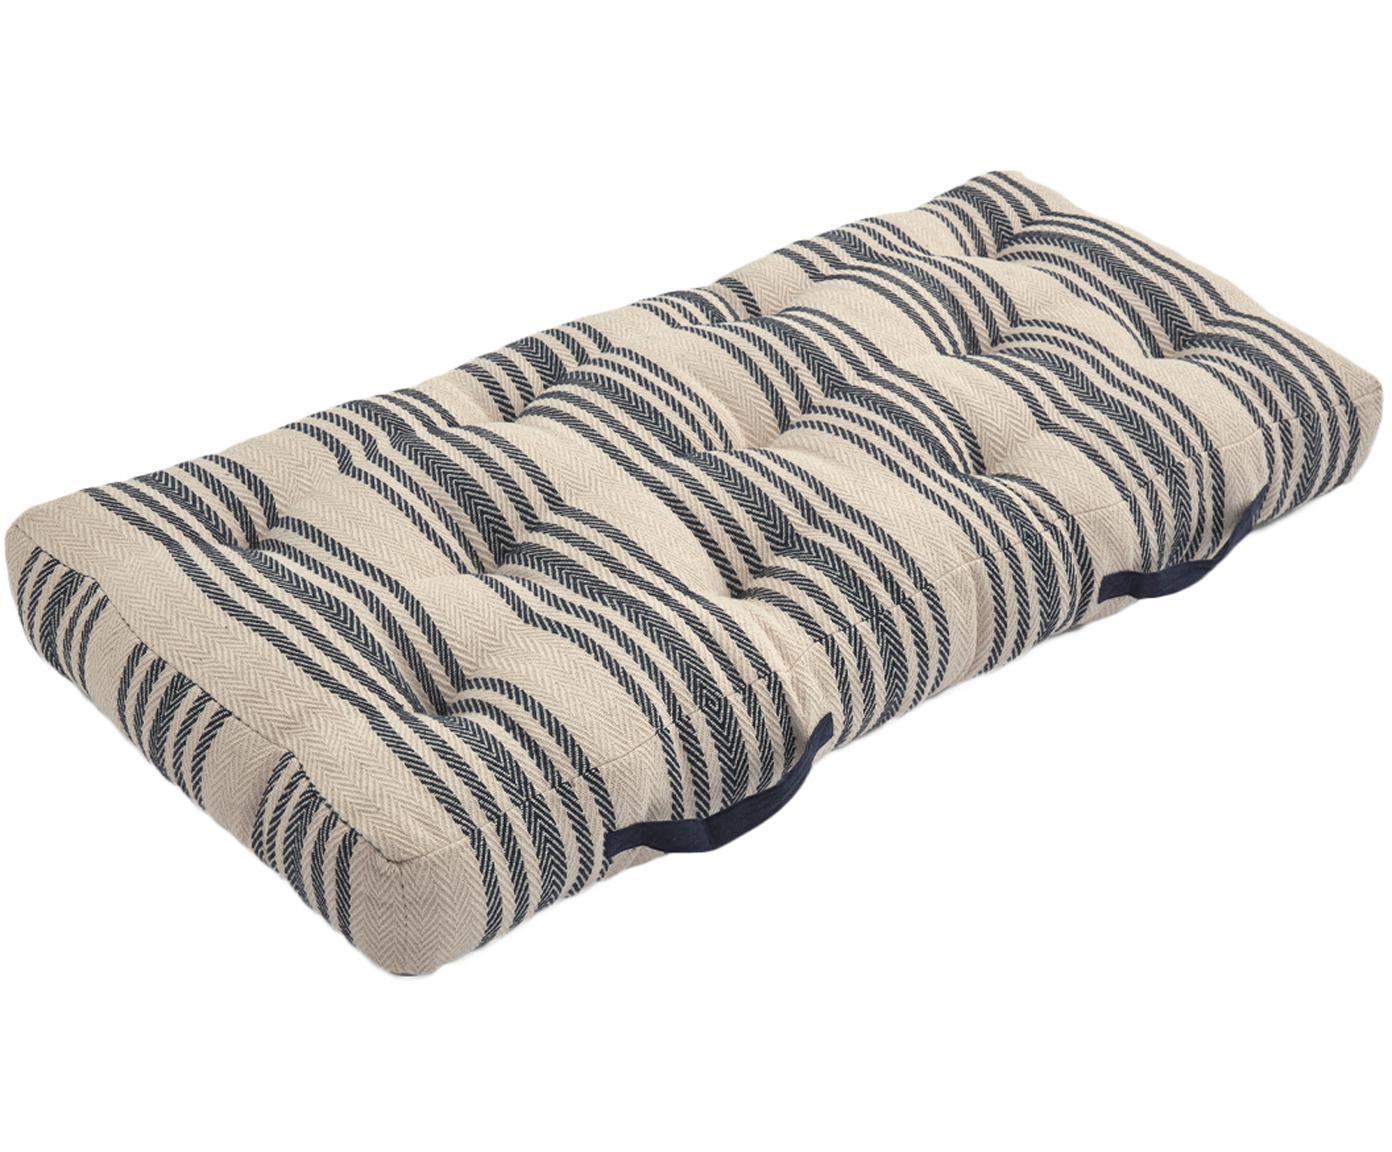 Duża poduszka podłogowa Puket, Ciemny niebieski, biały, S 60 x D 120 cm